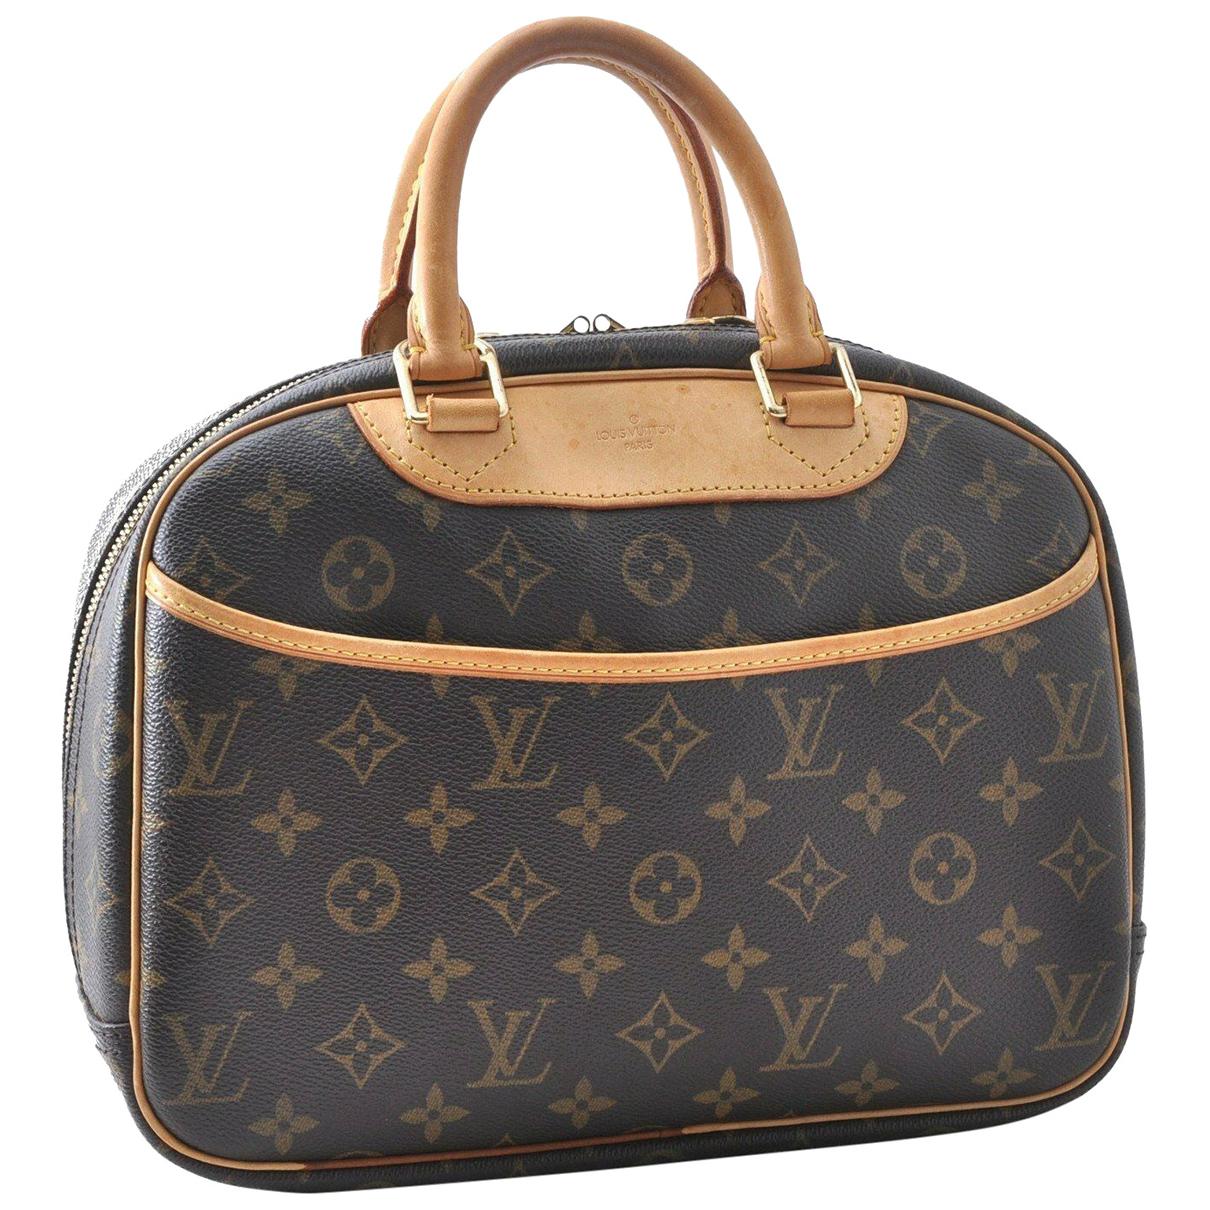 Bolso Trouville de Lona Louis Vuitton